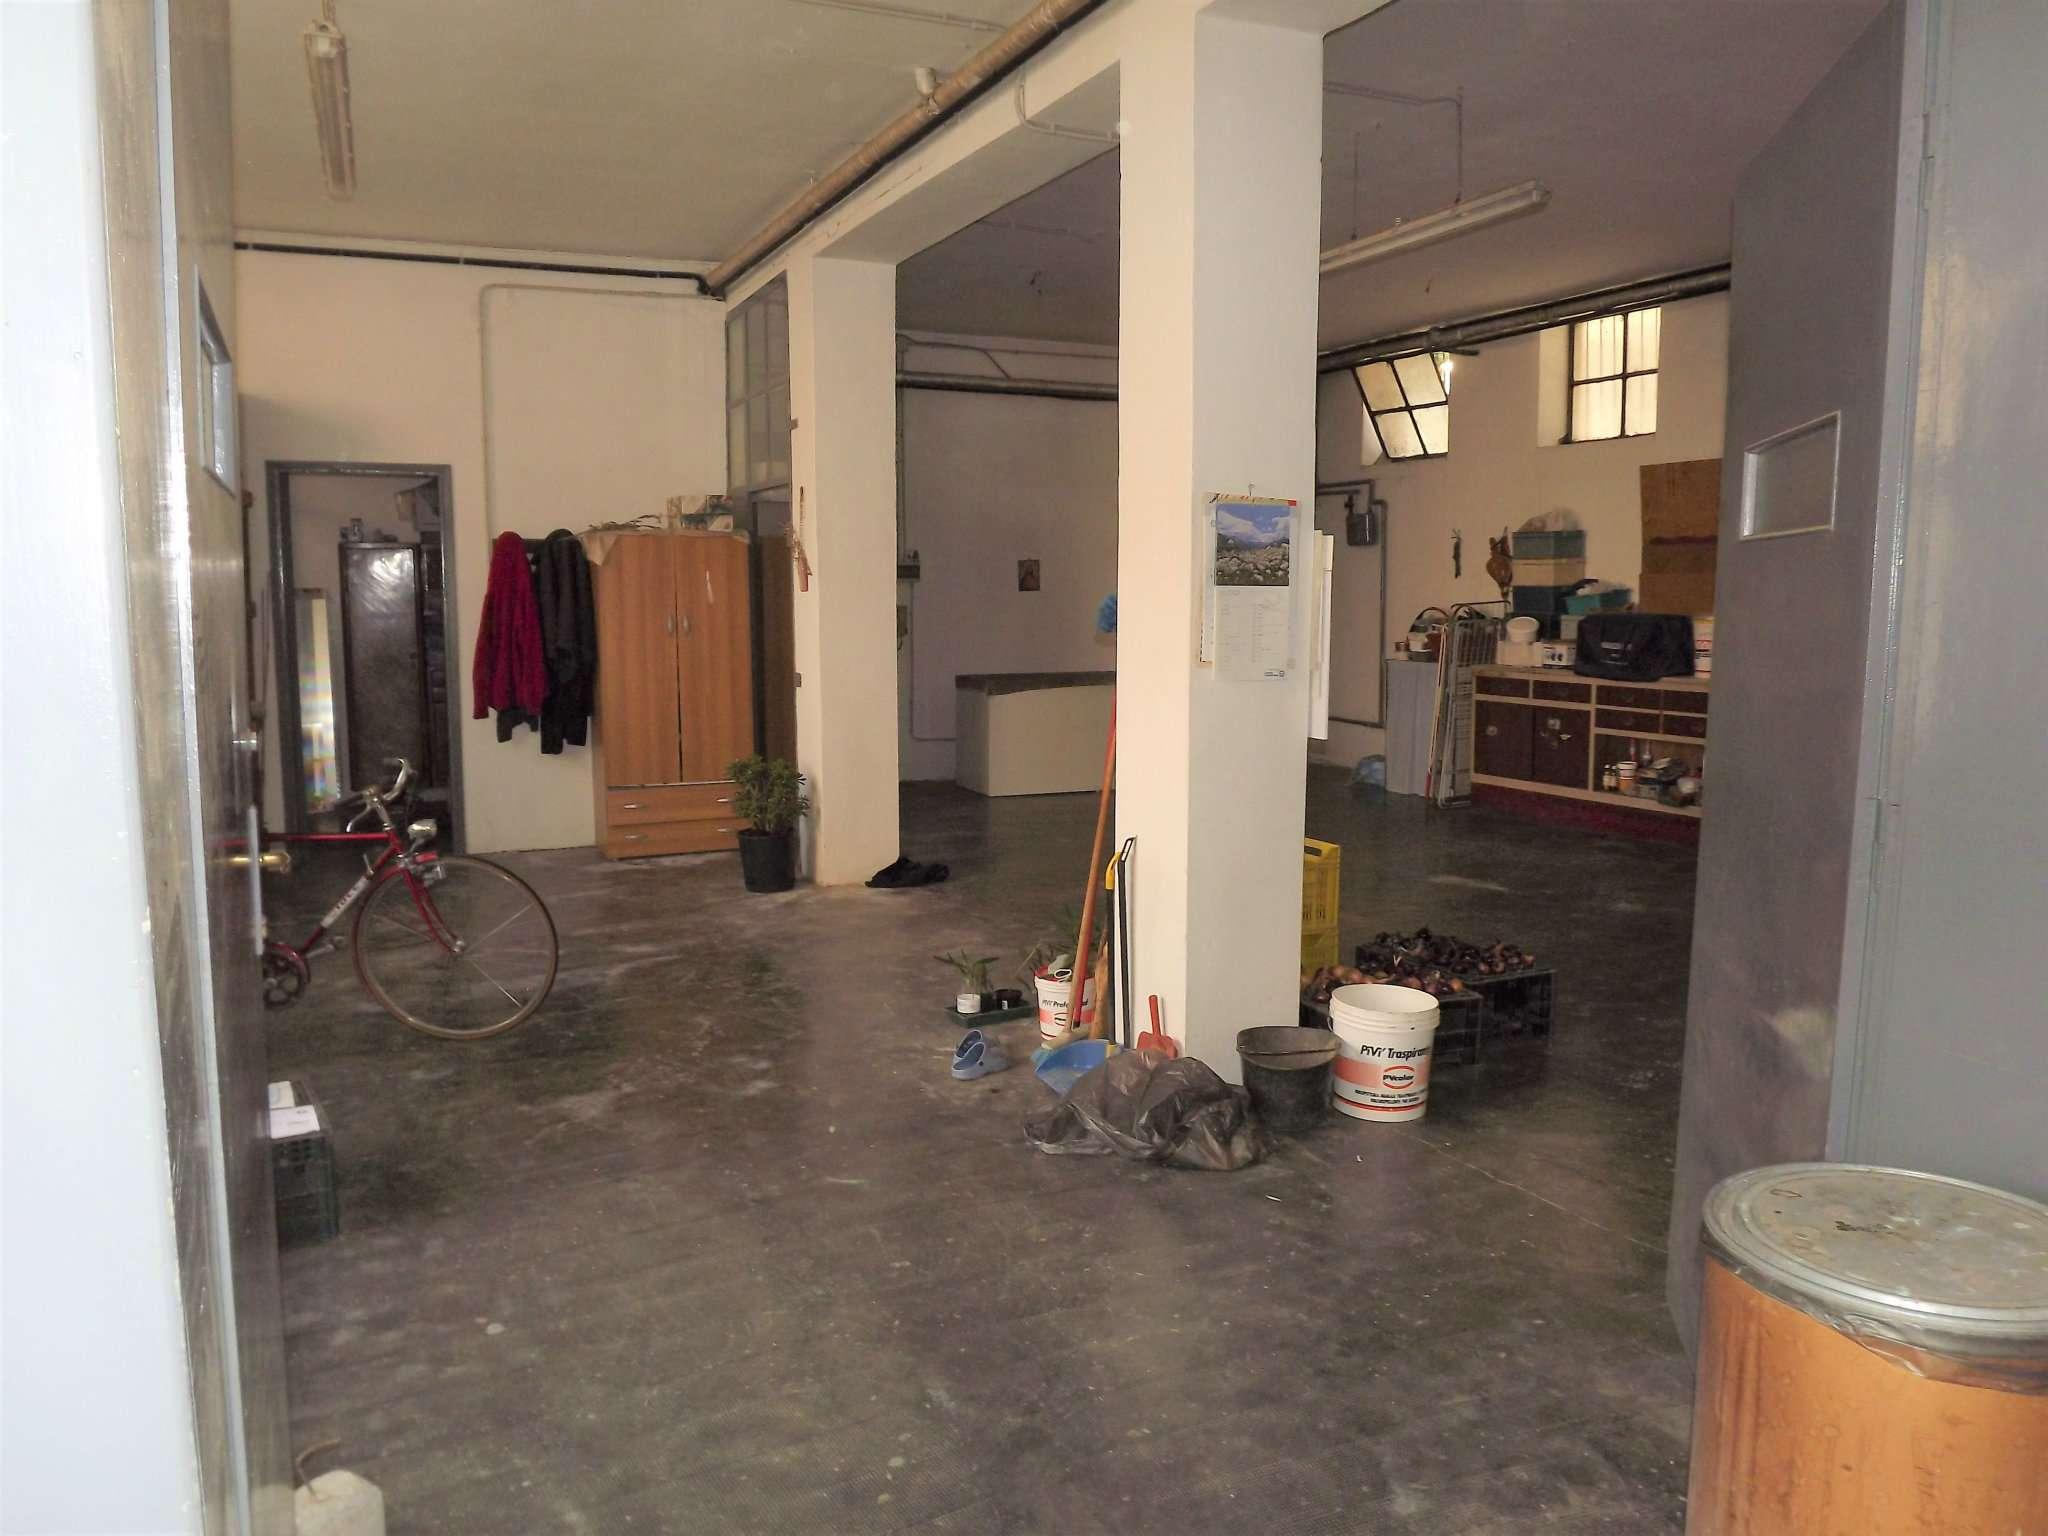 Laboratorio in affitto a Treviglio, 2 locali, prezzo € 350 | CambioCasa.it